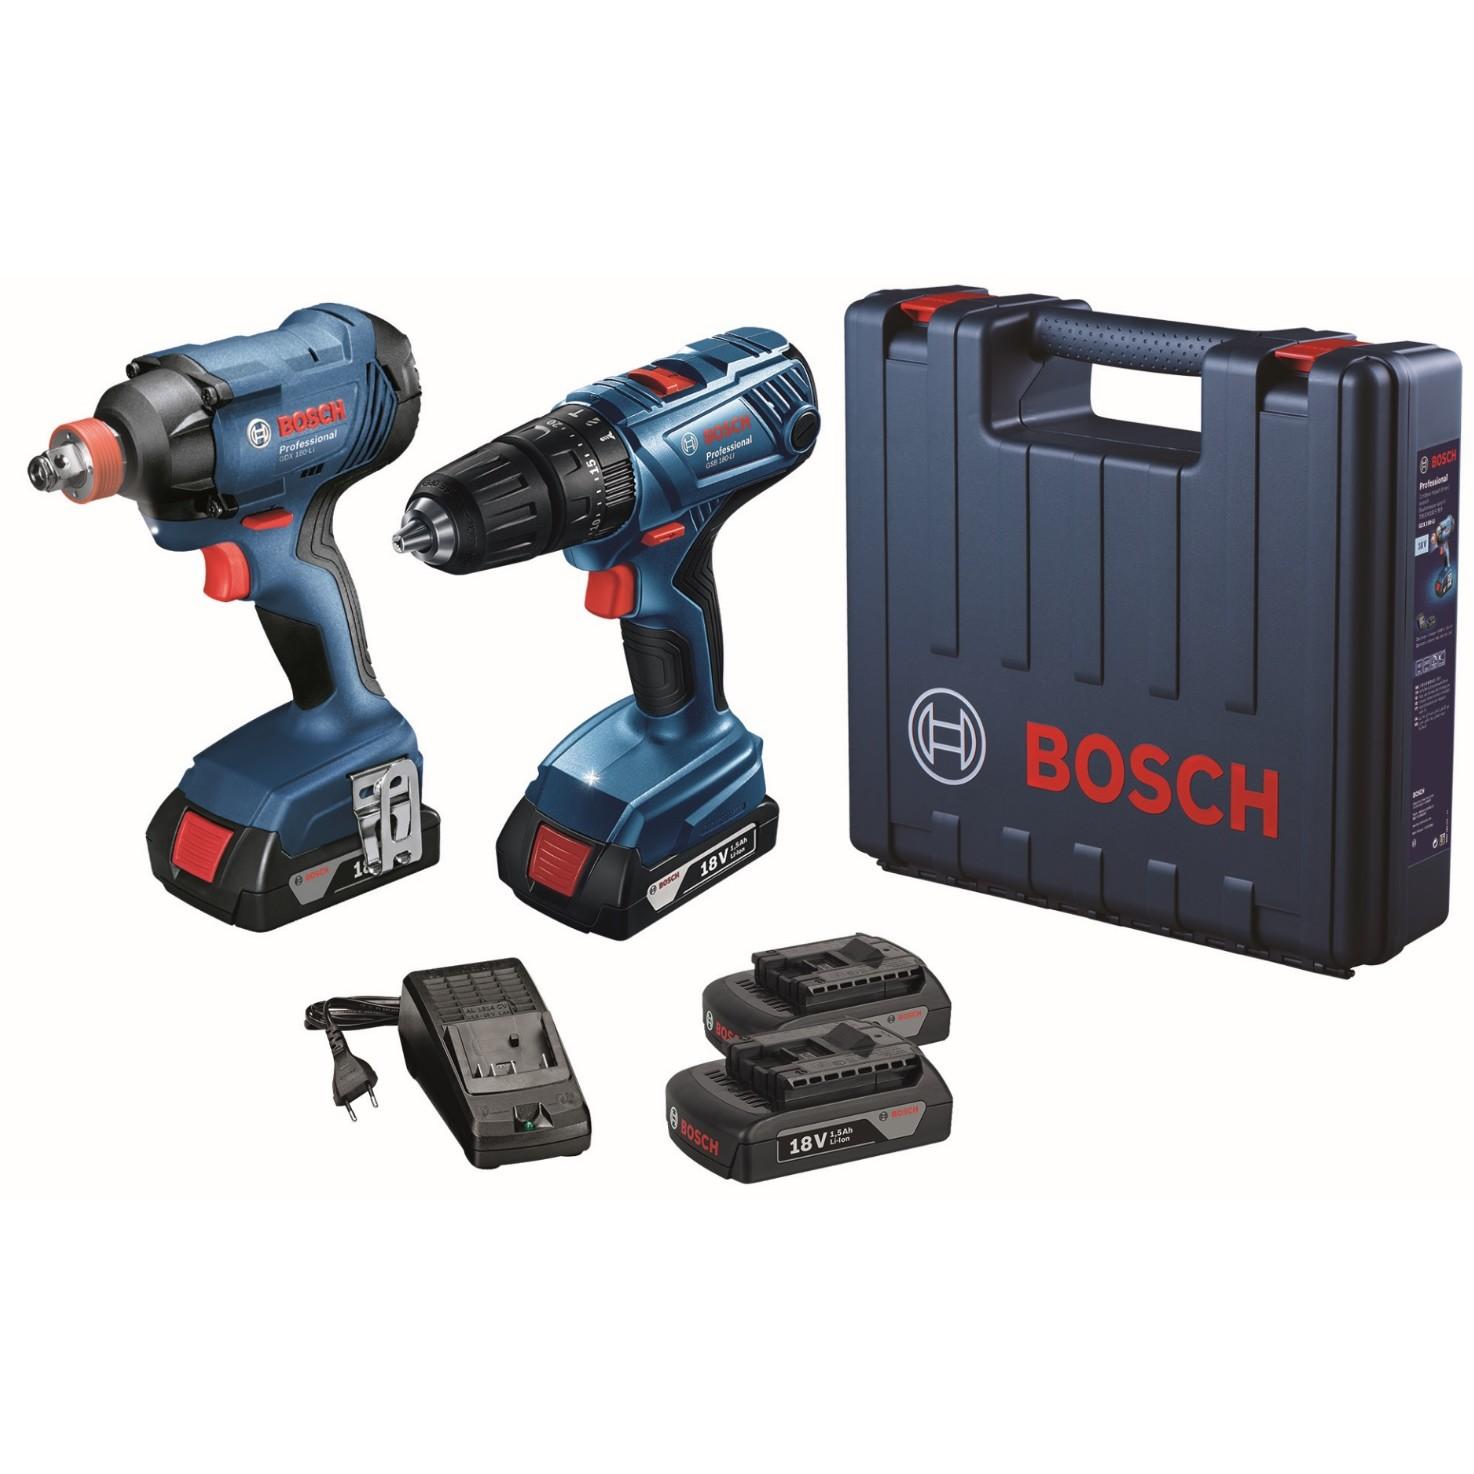 Kit Furadeiraparafusadeira e Chave De Impacto 06019G52E2-000 - Bosch